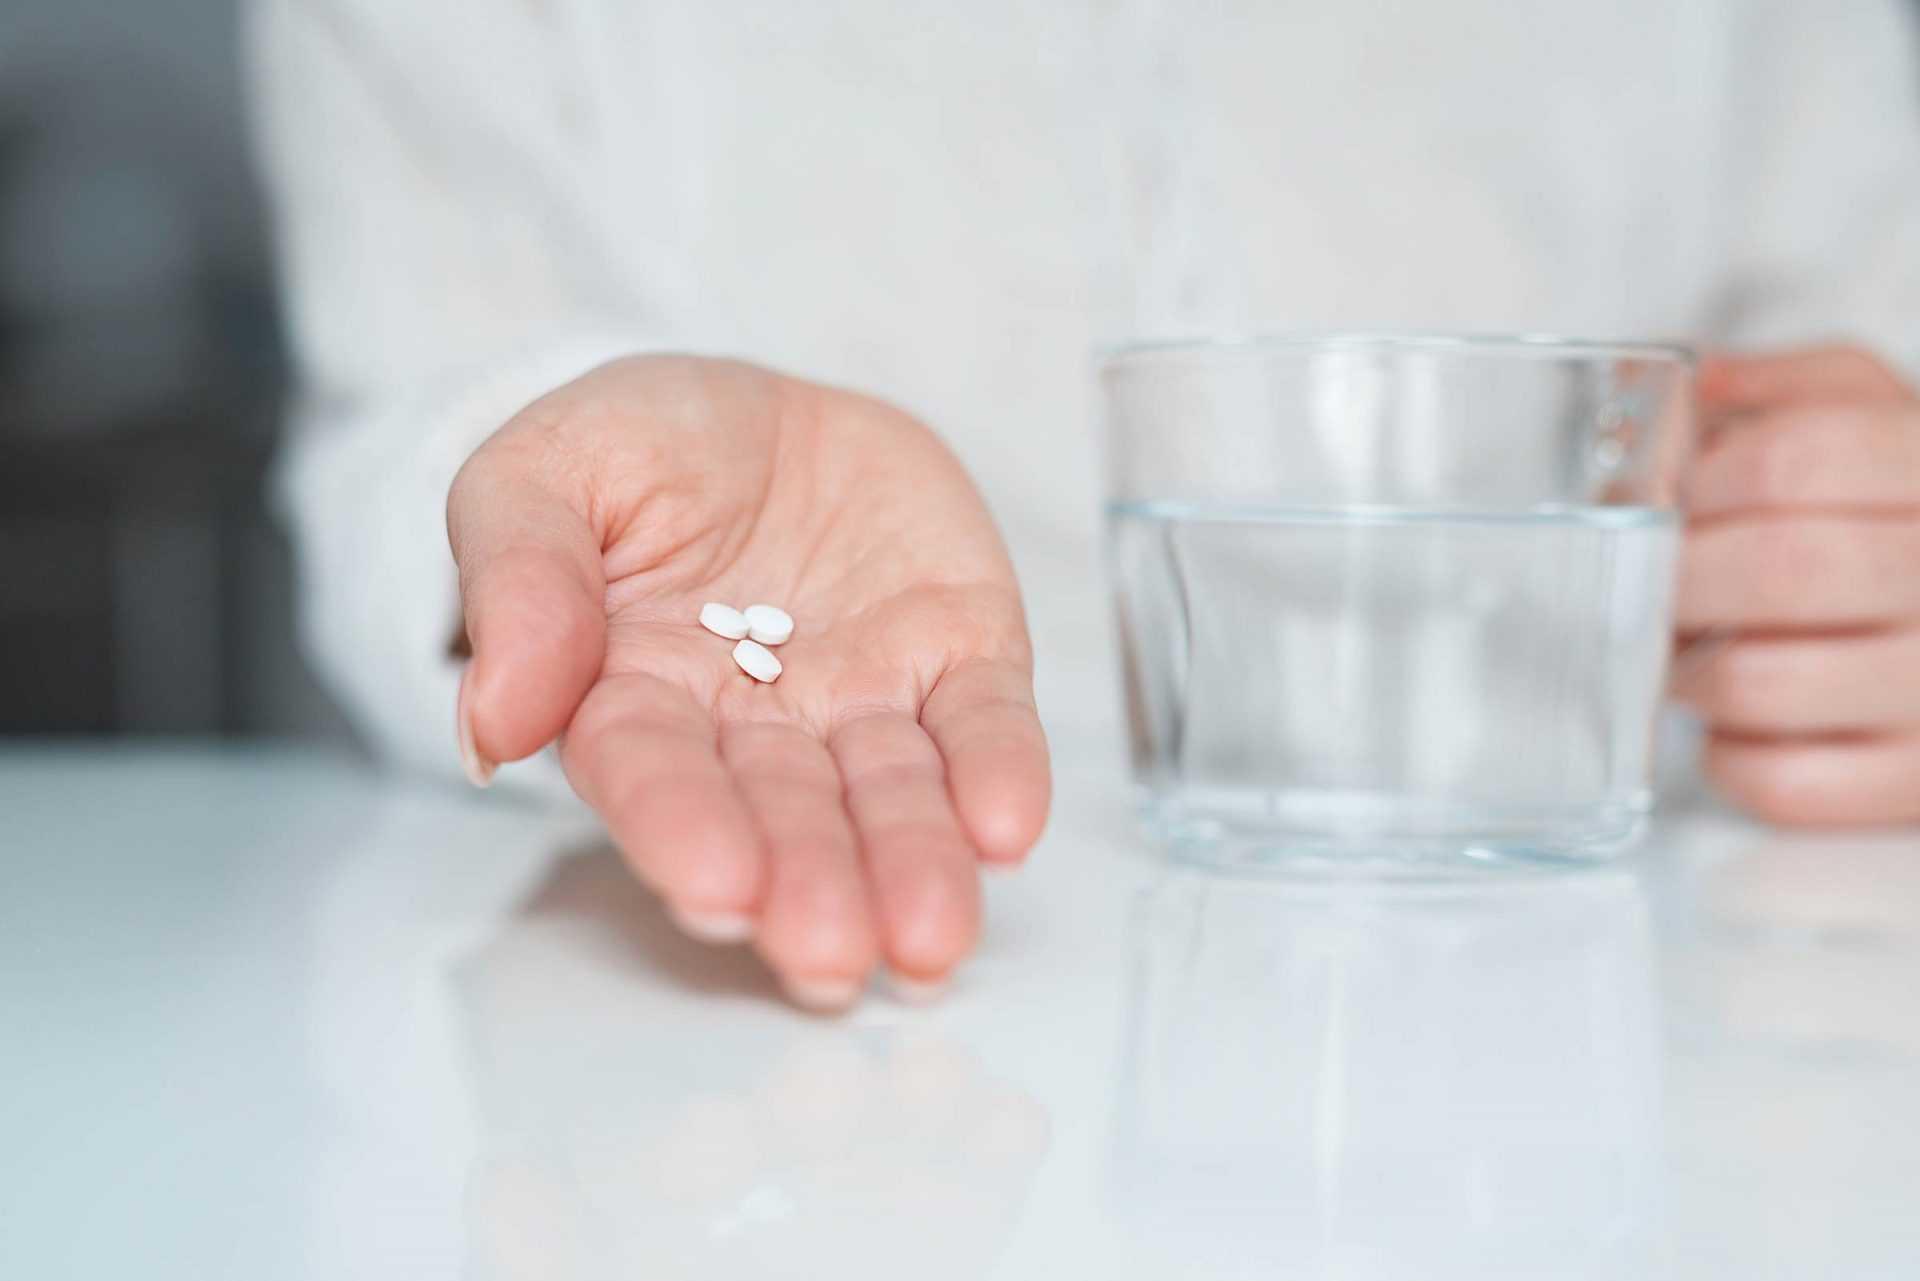 Пути передачи, возбудитель, симптомы и лечение гепатита Е